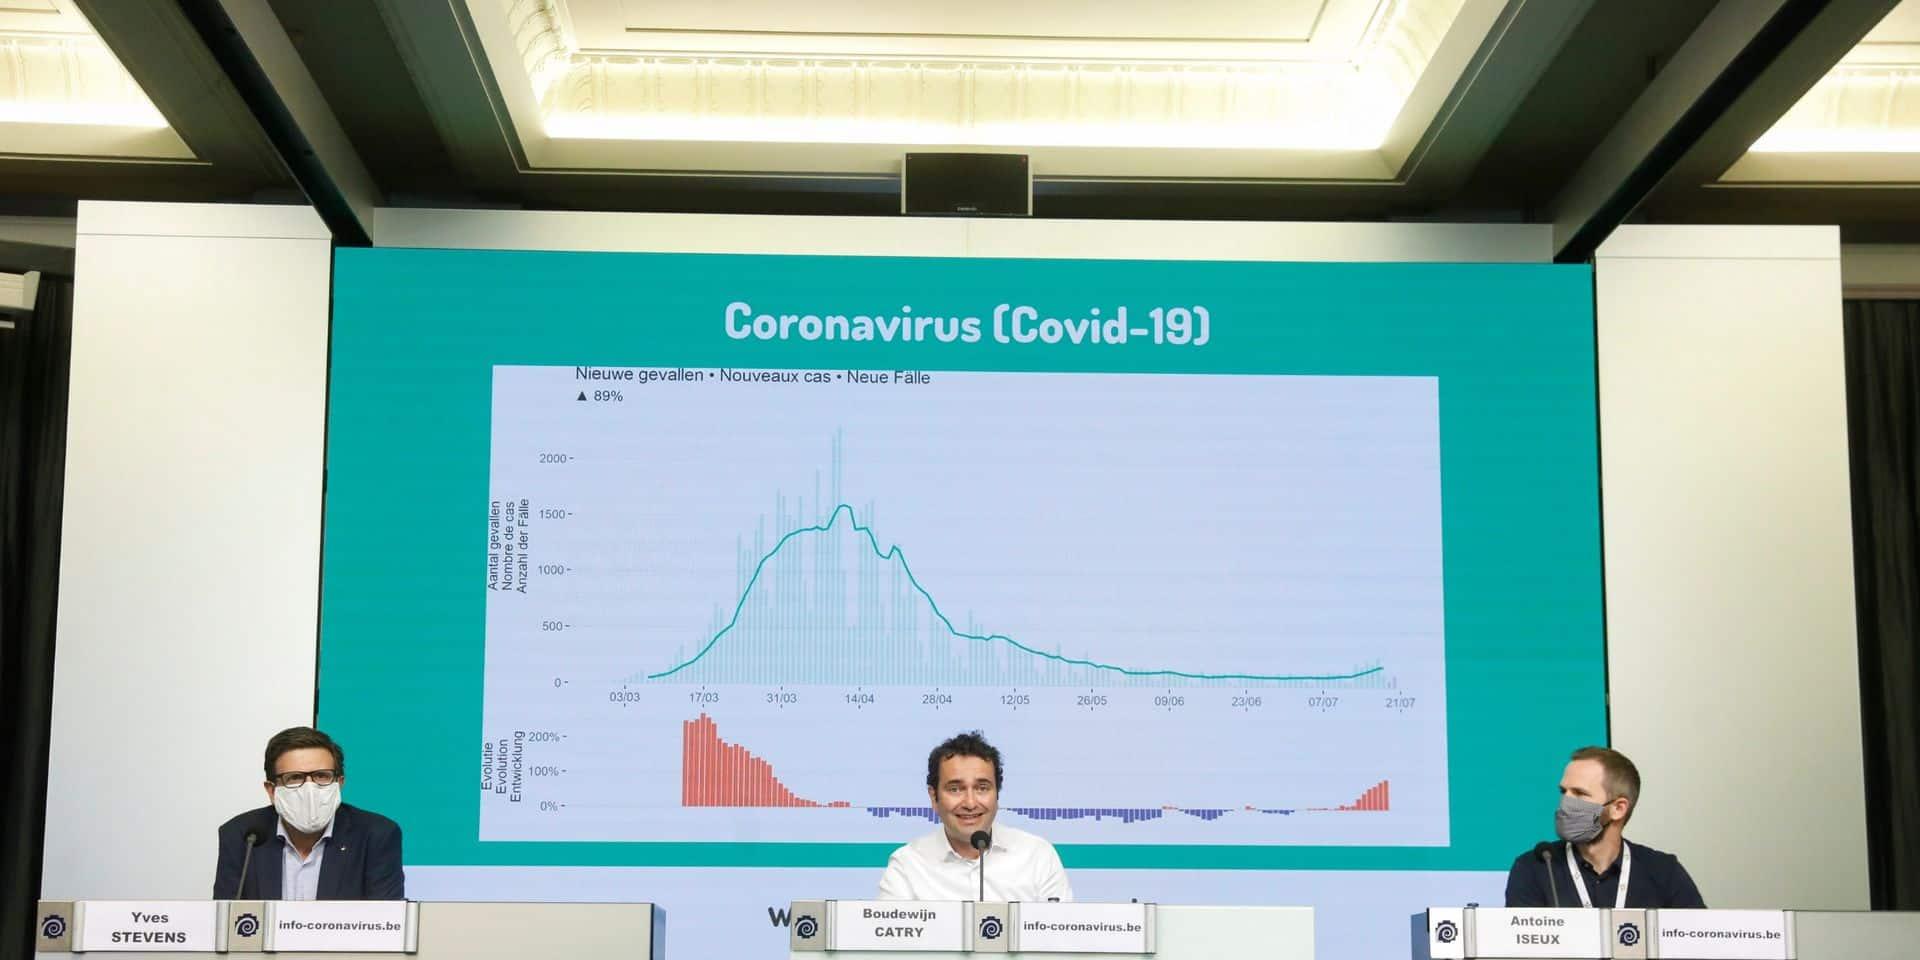 Coronavirus : Sciensano ne veut pas communiquer les chiffres bruts des hôpitaux